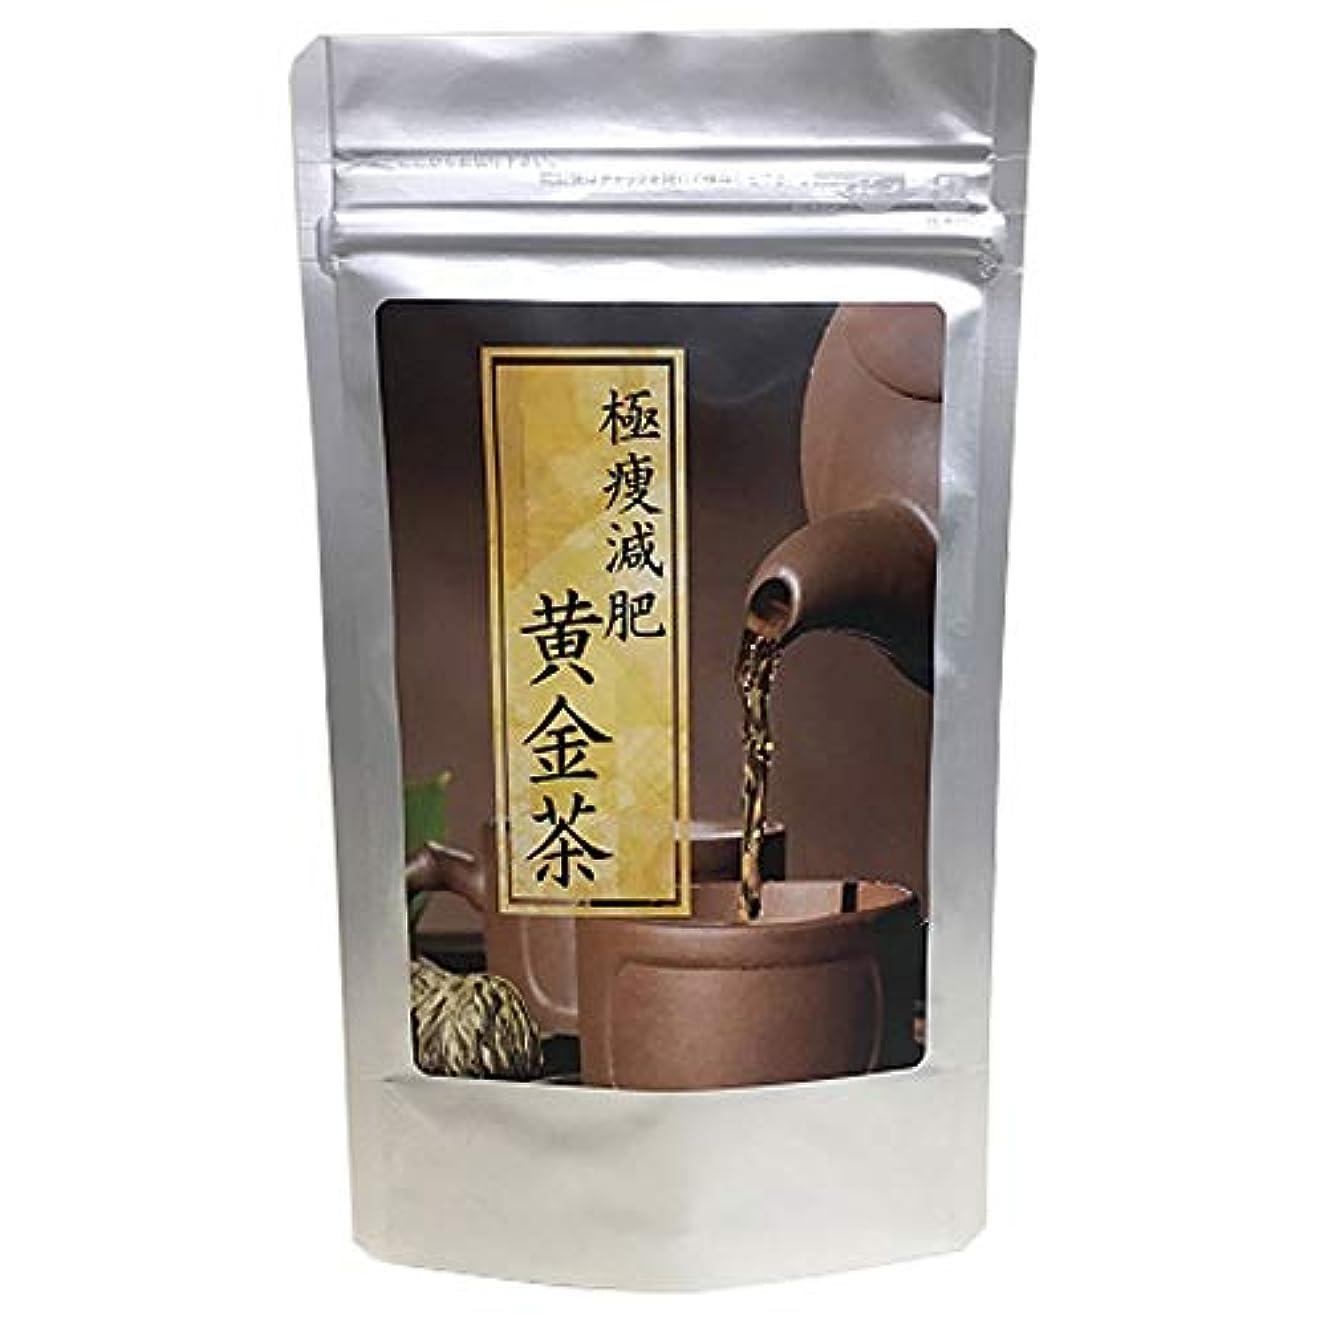 アシスタント有能な等価極痩減肥黄金茶